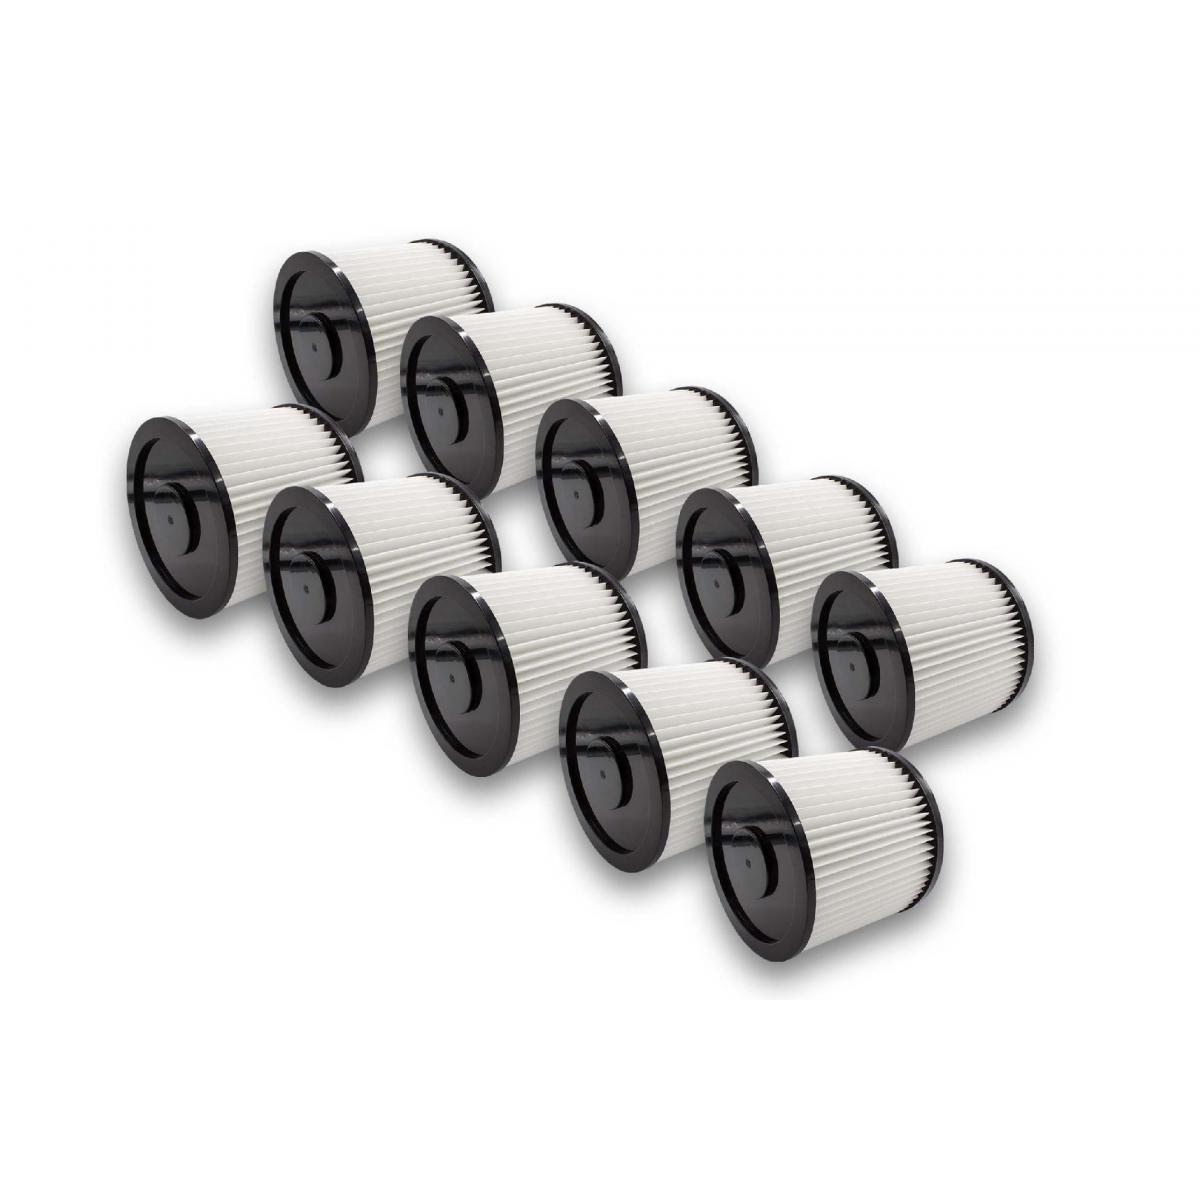 Vhbw vhbw 10x Filtres ronds pour aspirateur multifonctions Aqua Vac 7413 B, 8103 B, 8202 B, 8203 P, 8204 B, 8224 B, 8503 B, 8